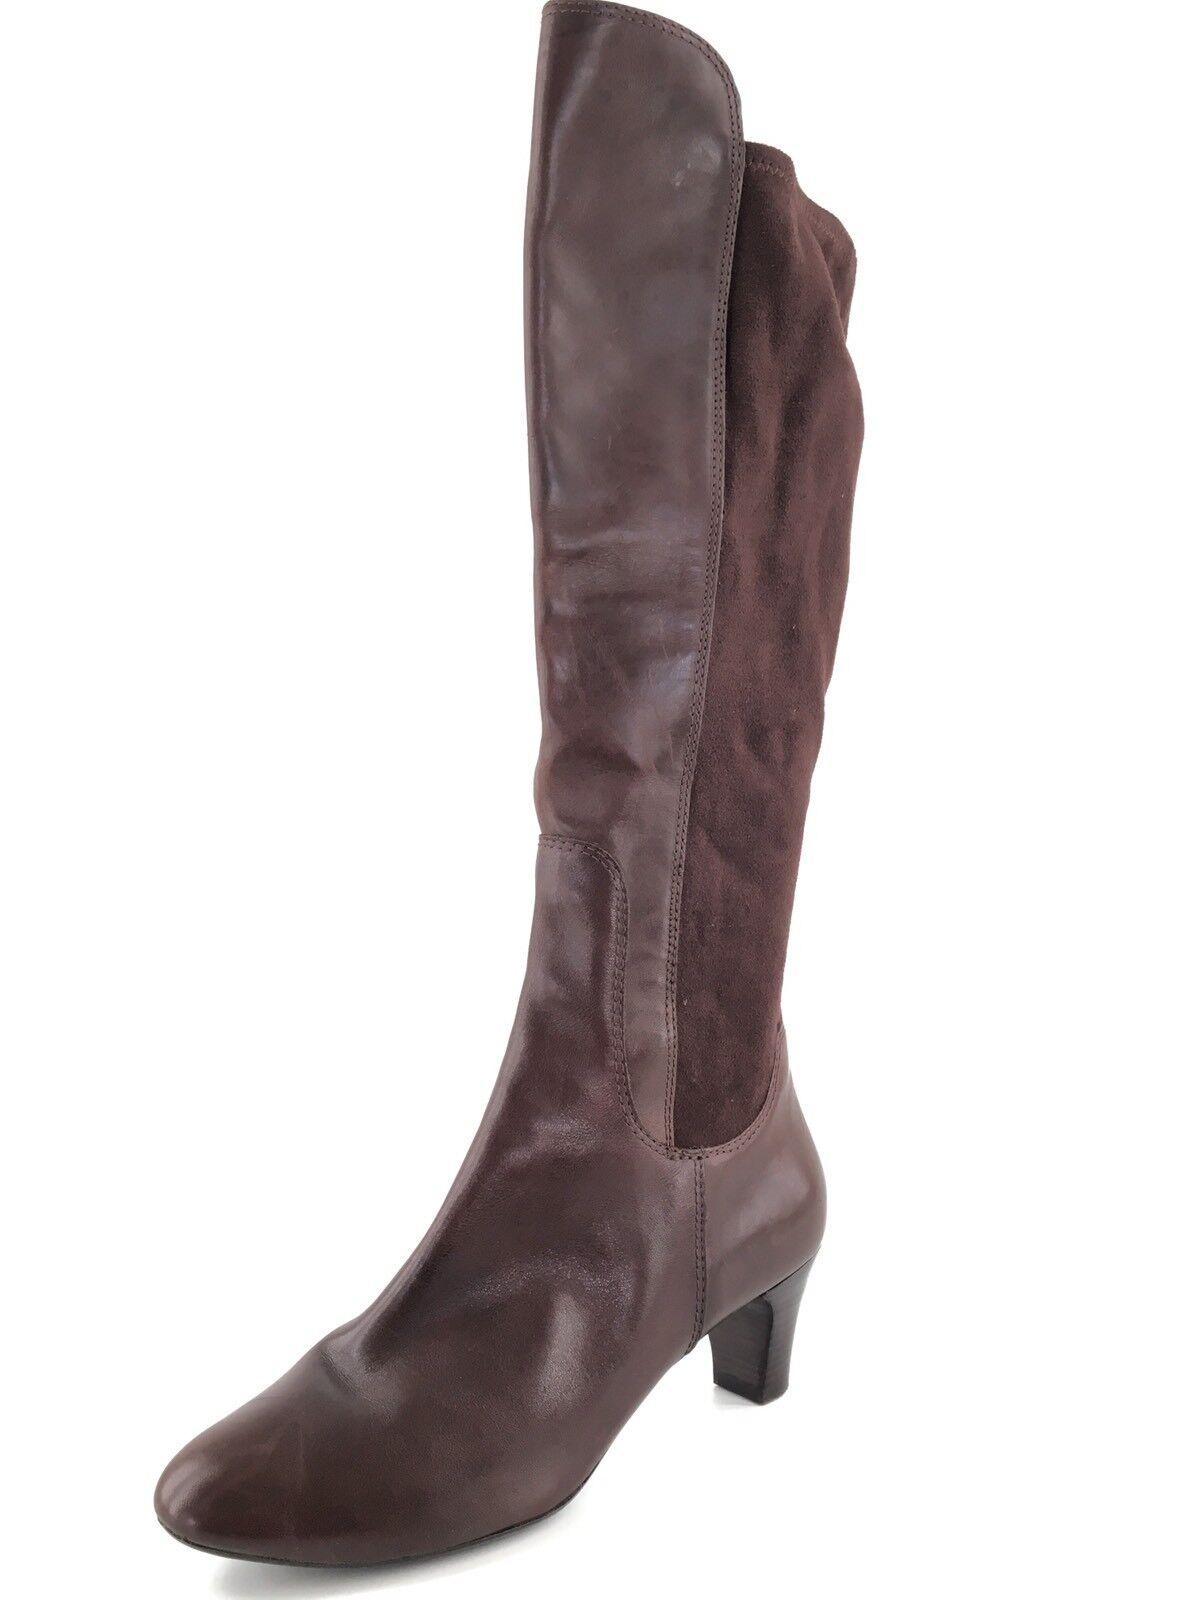 Cole Haan Air Janet Knee High Braun Suede Leder Stiefel Damenschuhe Größe 10 M 398